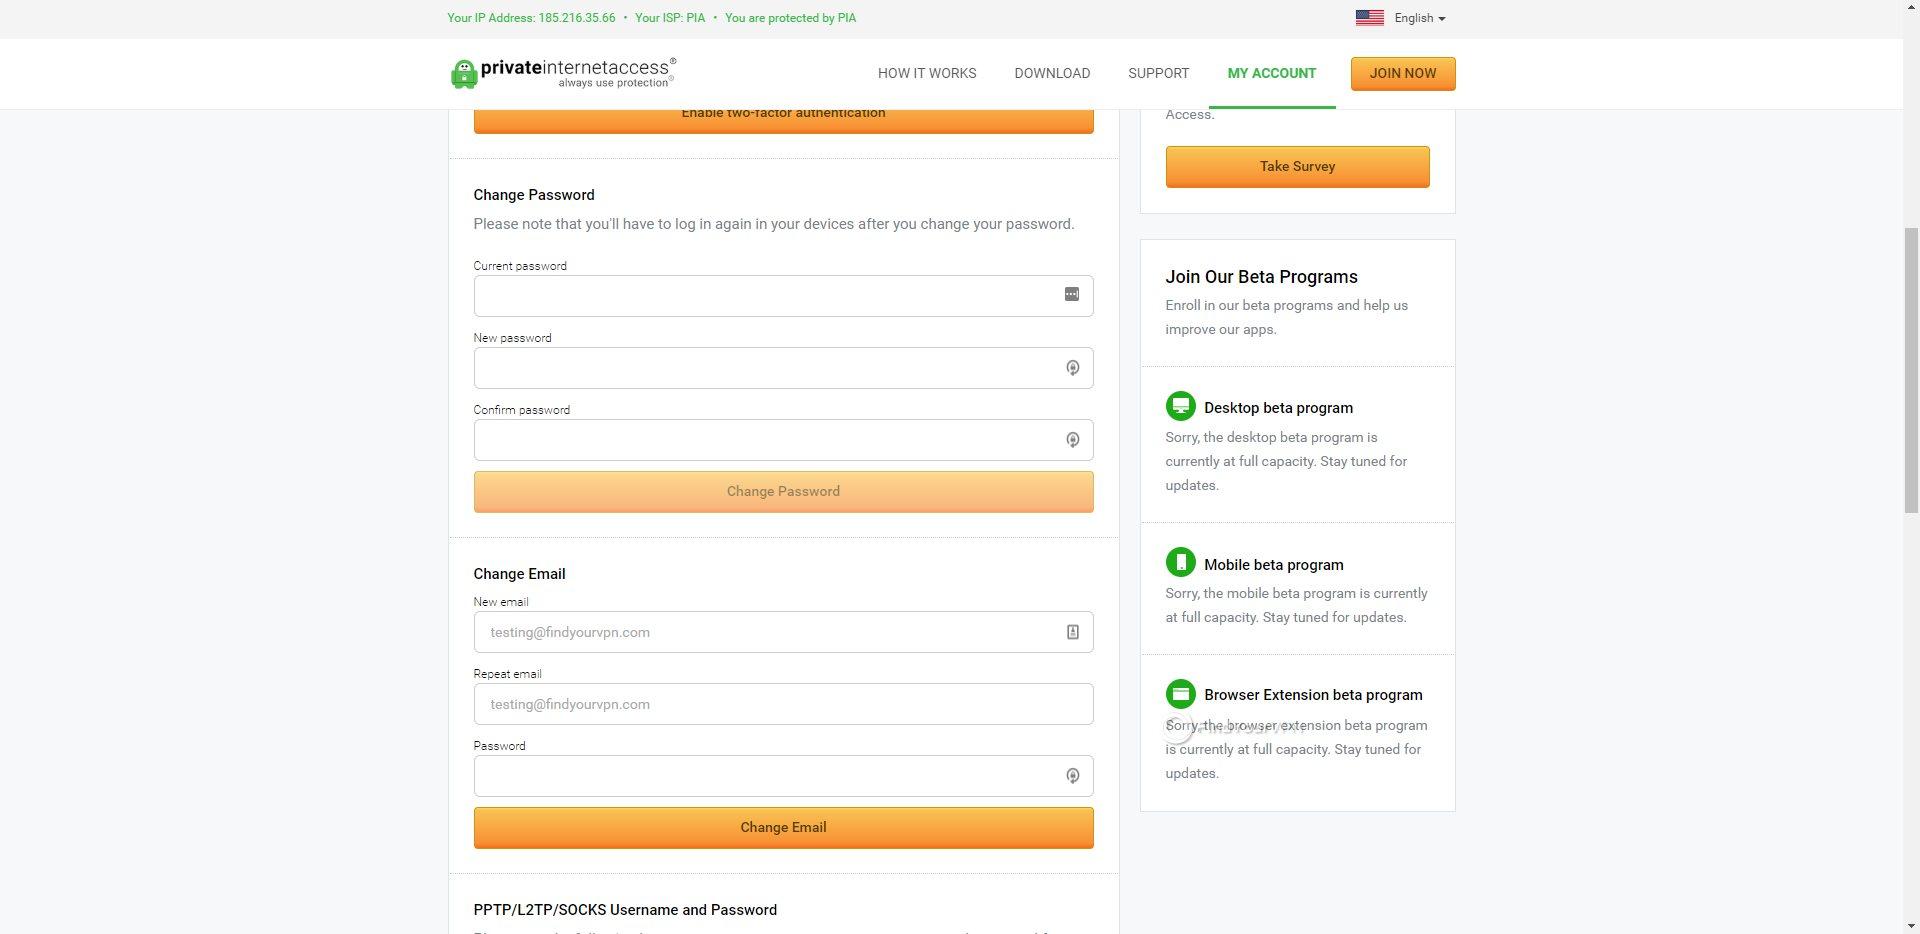 PIA Dashboard Account Settings